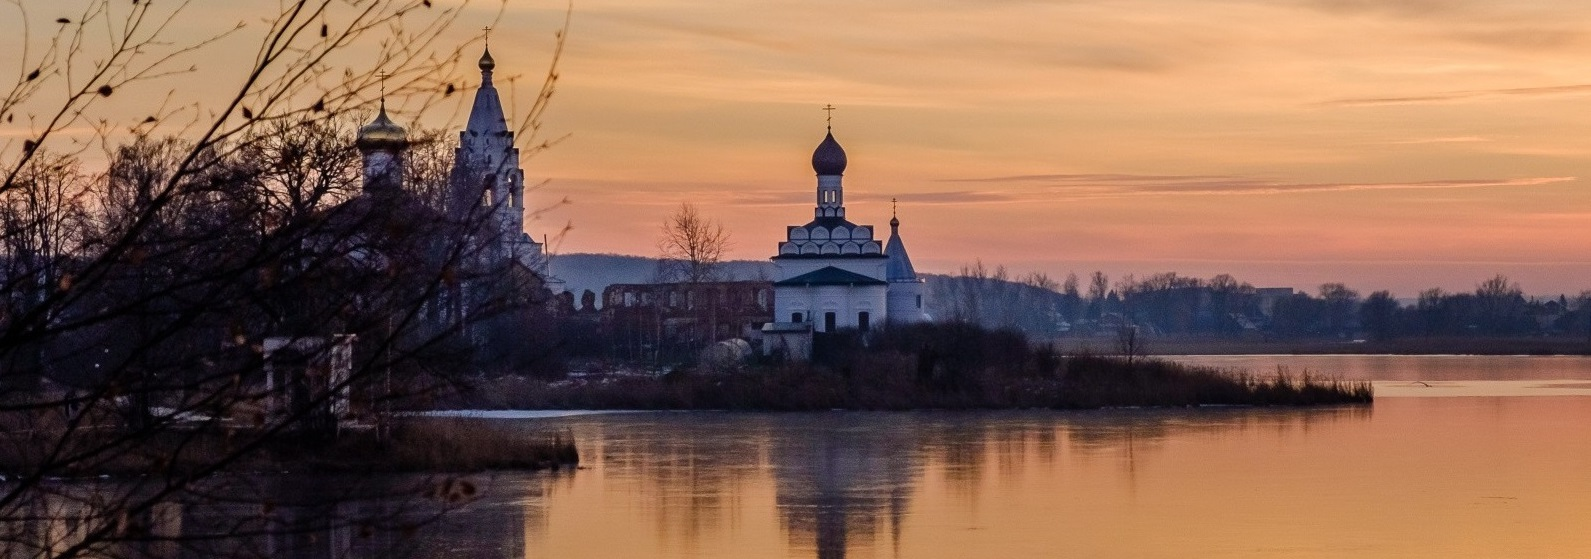 Грузоперевозки из Москвы в Нижегородскую область